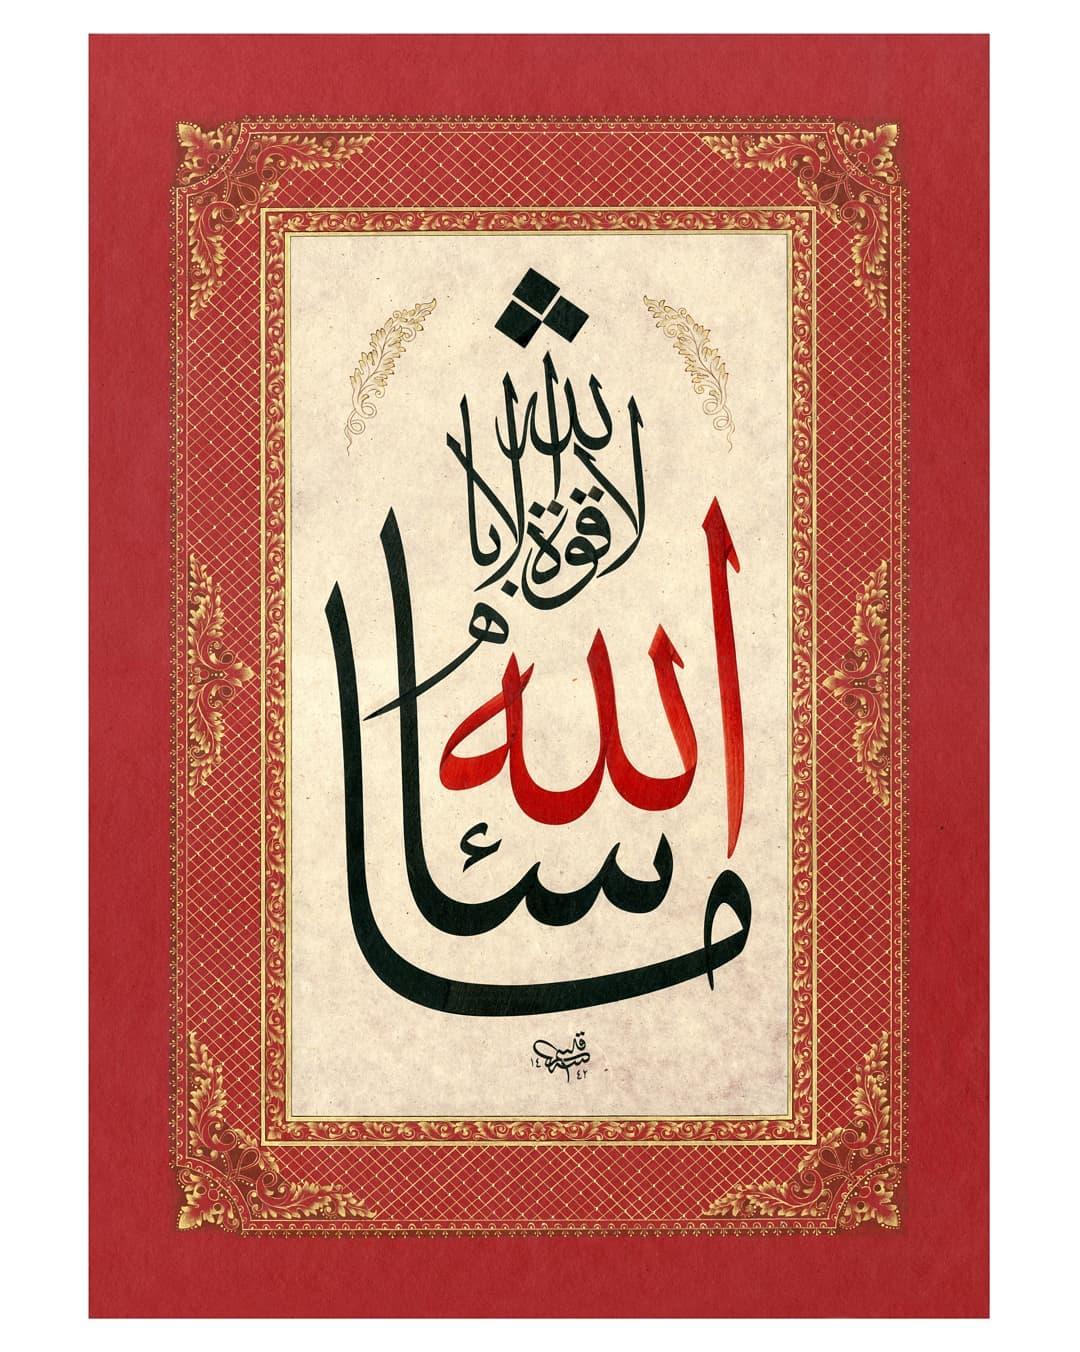 Hattat Kasım Kara قاسم قاره  Allah ne dilerse o olur, Allah'tan başka hiçbir güç yoktur. Whatever Allah will… 599